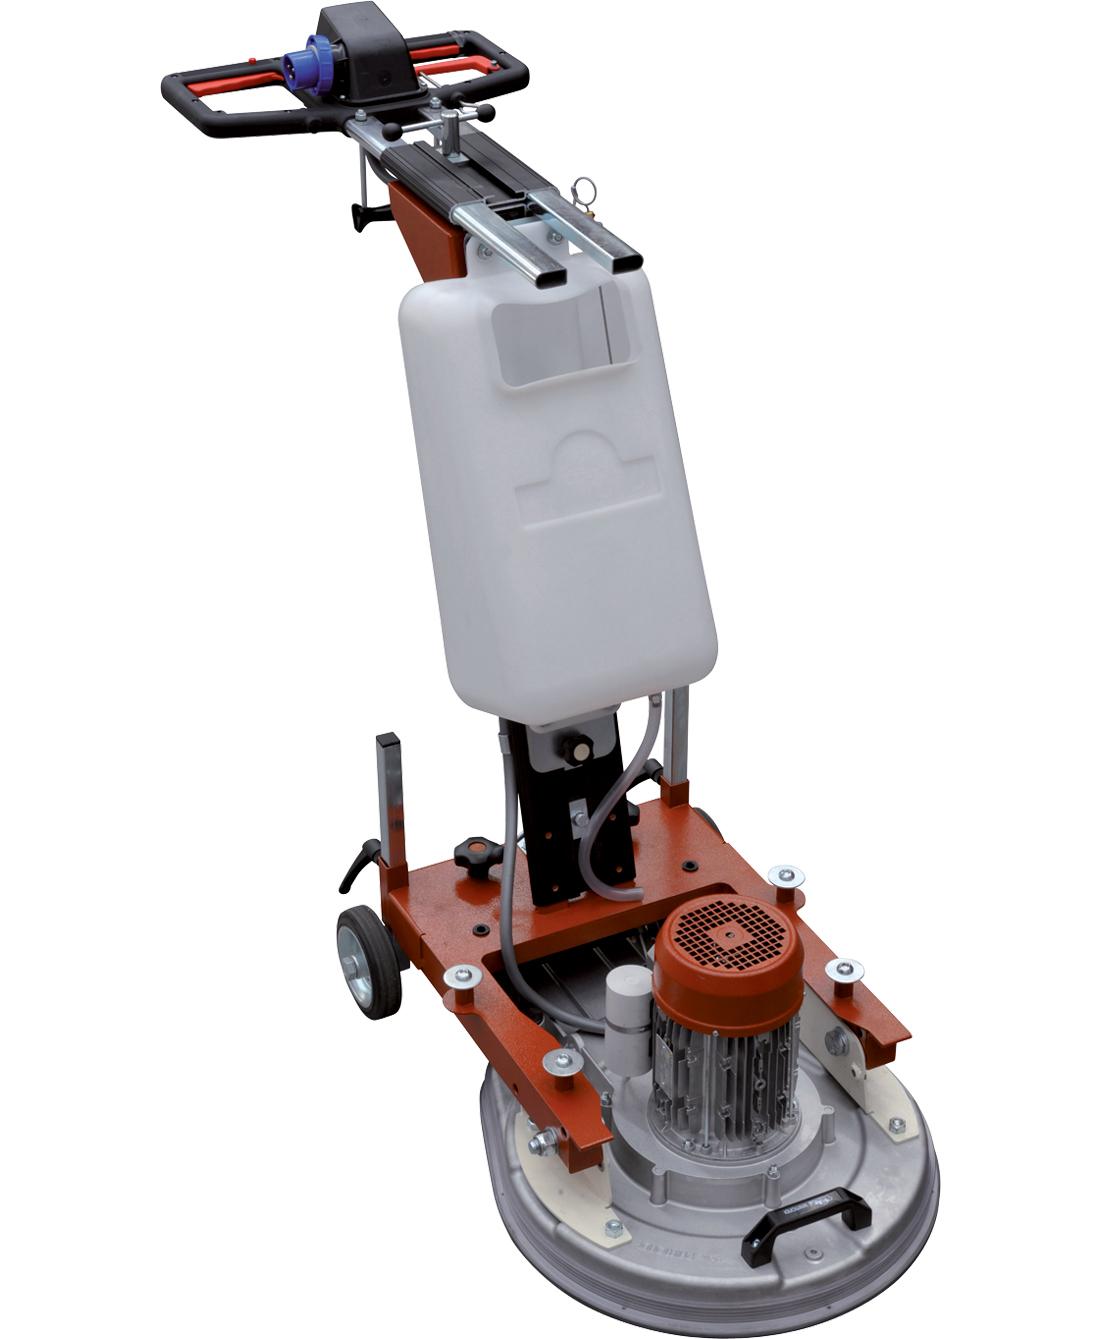 Ipertitina Schleif- und Reinigungsmaschine